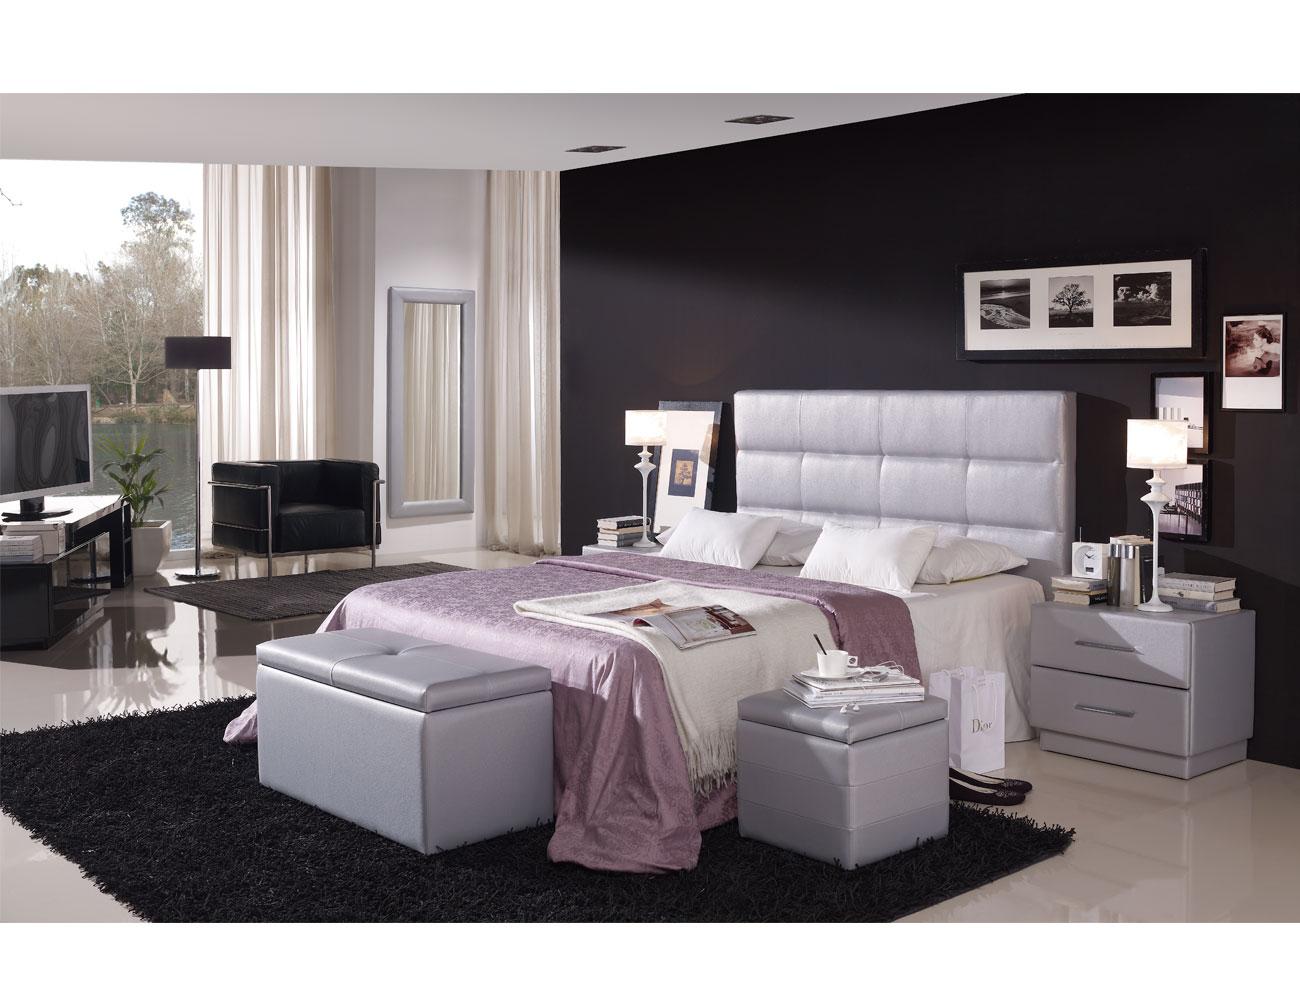 86 pie cama cuadros dormitorio 97